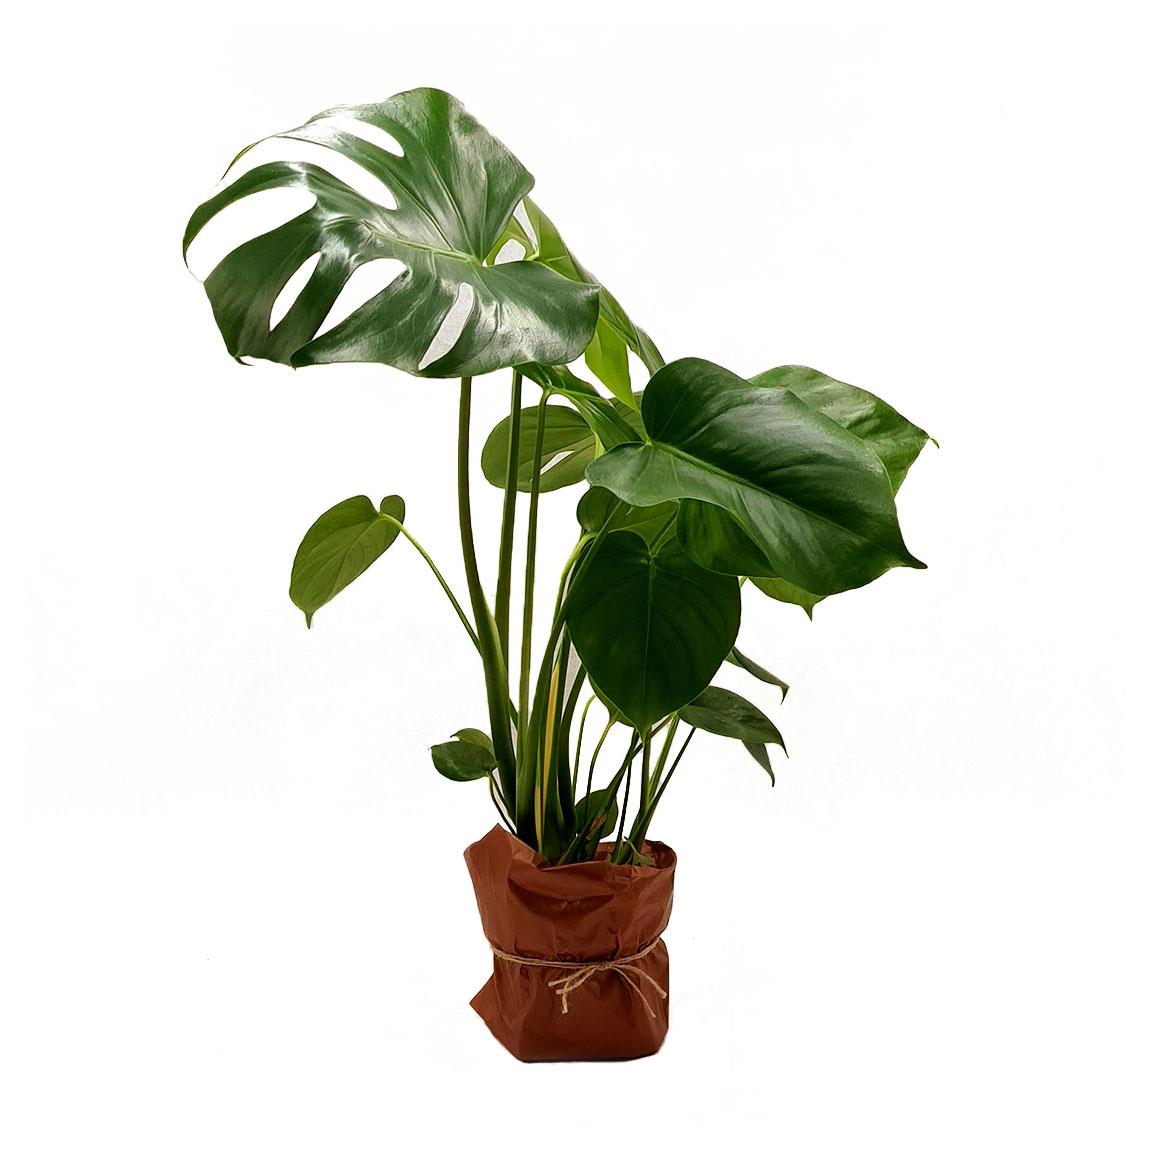 Vazoninis augalas MONSTERA (MONSTERA), ba vazono